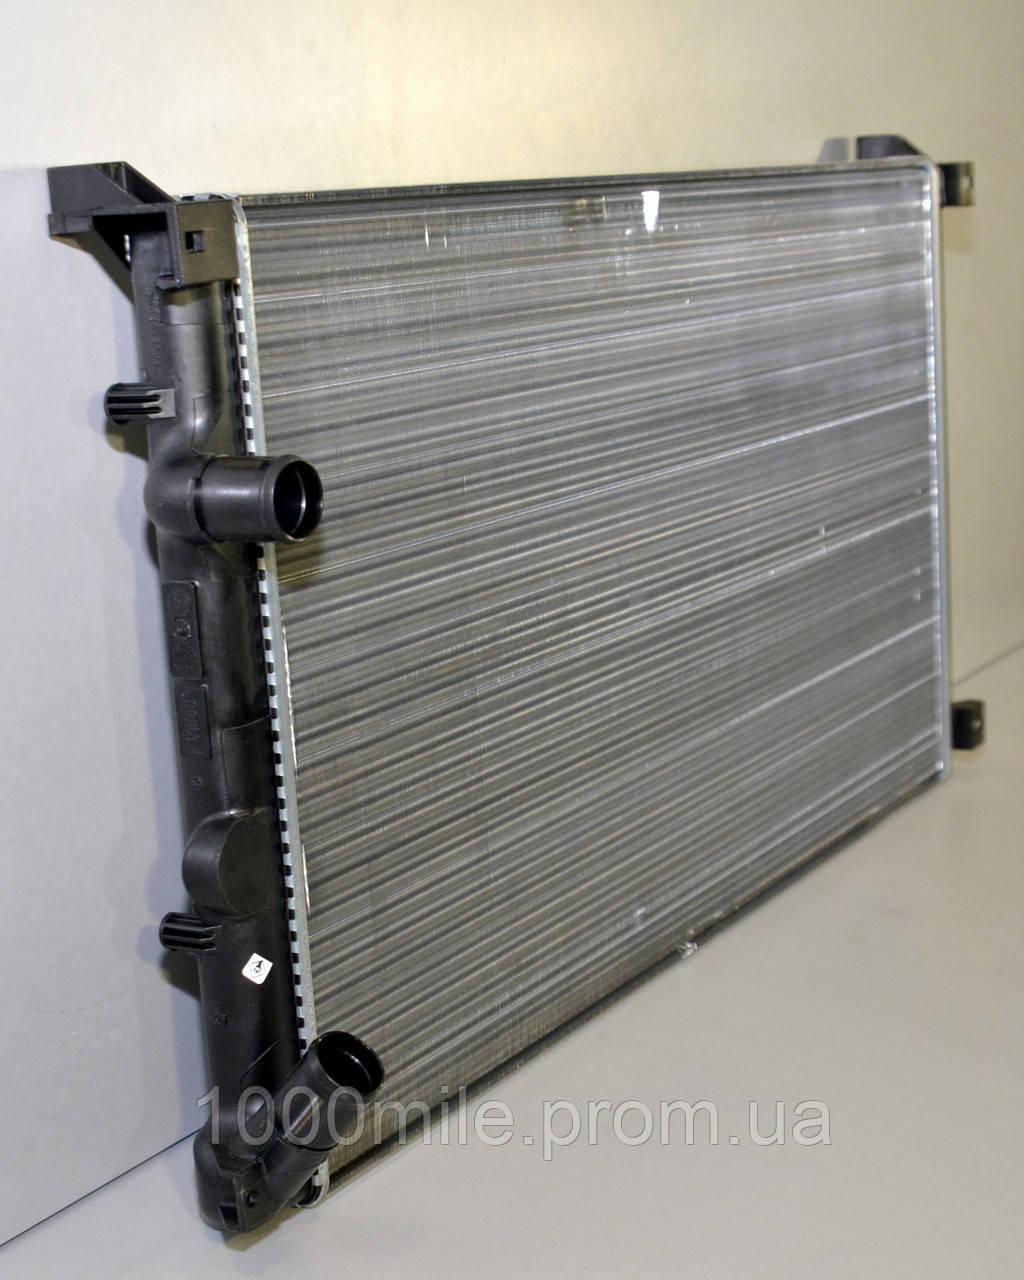 Радиатор охлаждения двигателя на Renault Master II 03->10 1.9+2.2+2.5+3.0dCi — Renault (Оригинал) - 7701057119